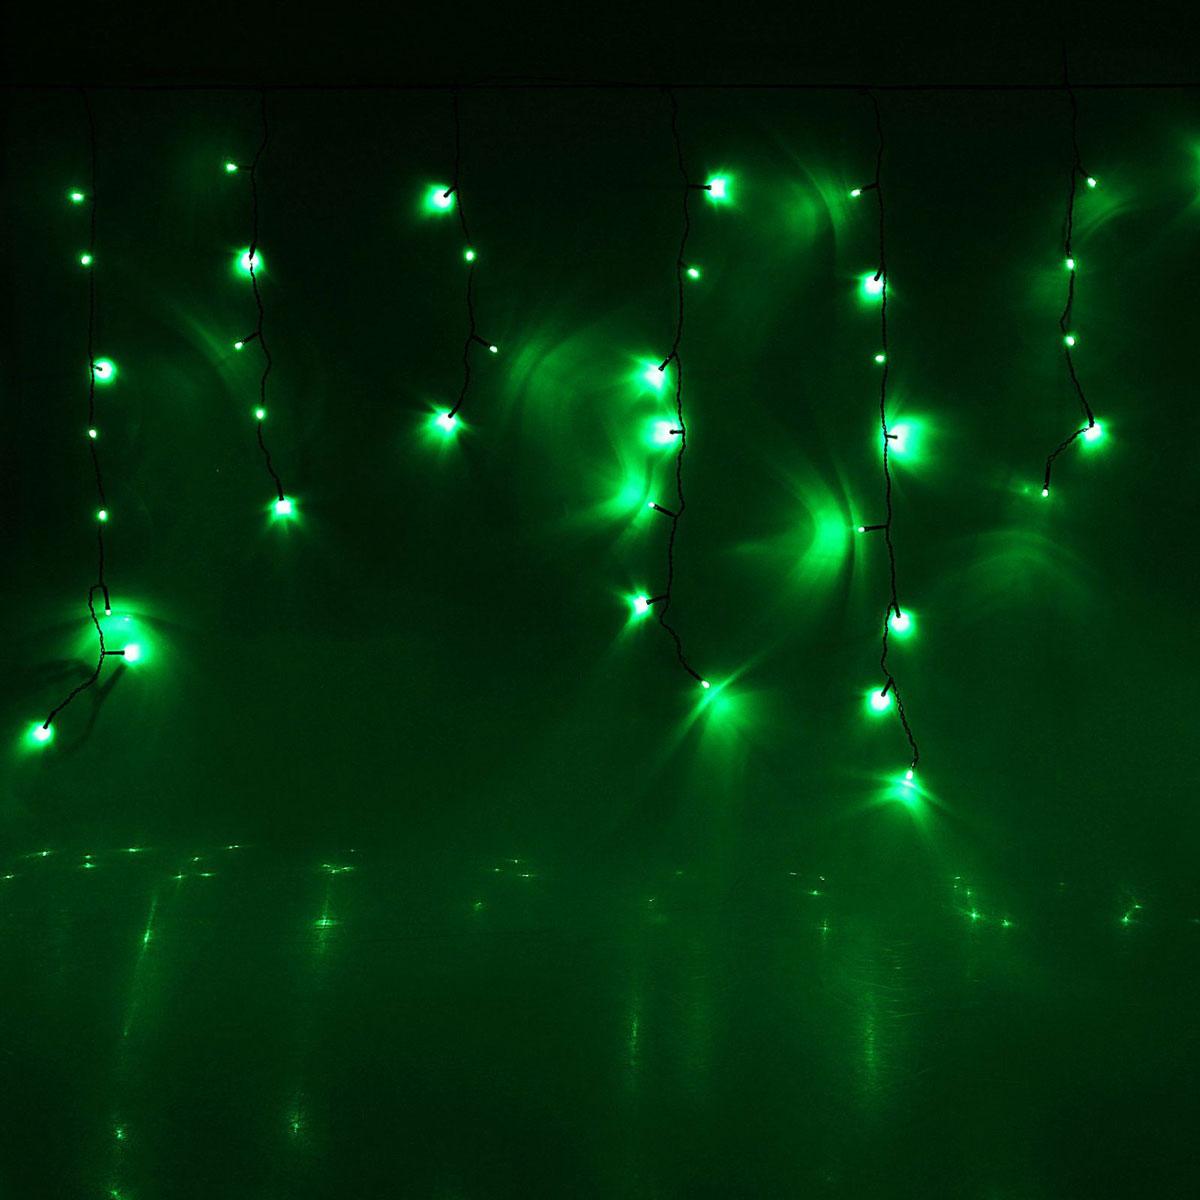 Гирлянда светодиодная Luazon Бахрома, 8 режимов, 96 ламп, 220 V, цвет: зеленый, 3 х 0,7 м. 15857691585769Светодиодные гирлянды, ленты и т.д — это отличный вариант для новогоднего оформления интерьера или фасада. С их помощью помещение любого размера можно превратить в праздничный зал, а внешние элементы зданий, украшенные ими, мгновенно станут напоминать очертания сказочного дворца. Такие украшения создают ауру предвкушения чуда. Деревья, фасады, витрины, окна и арки будто специально созданы, чтобы вы украсили их светящимися нитями.